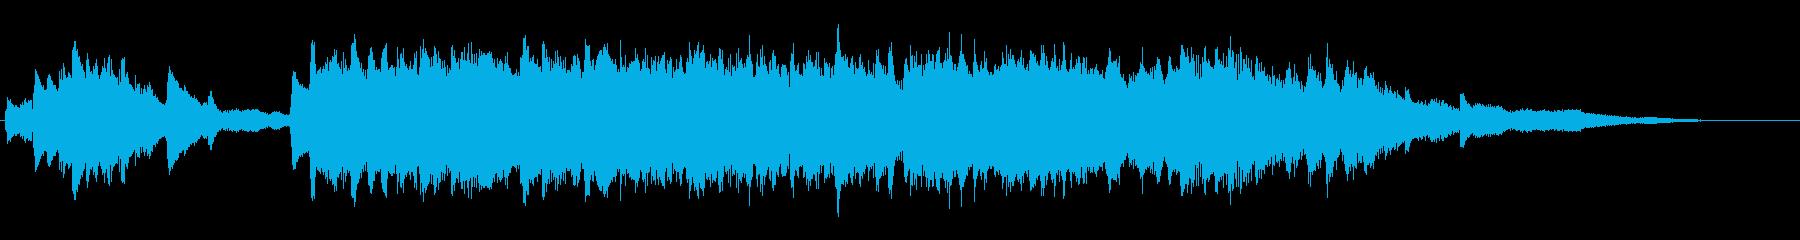 CM向けの尺で製作しましたピアノソロ楽…の再生済みの波形